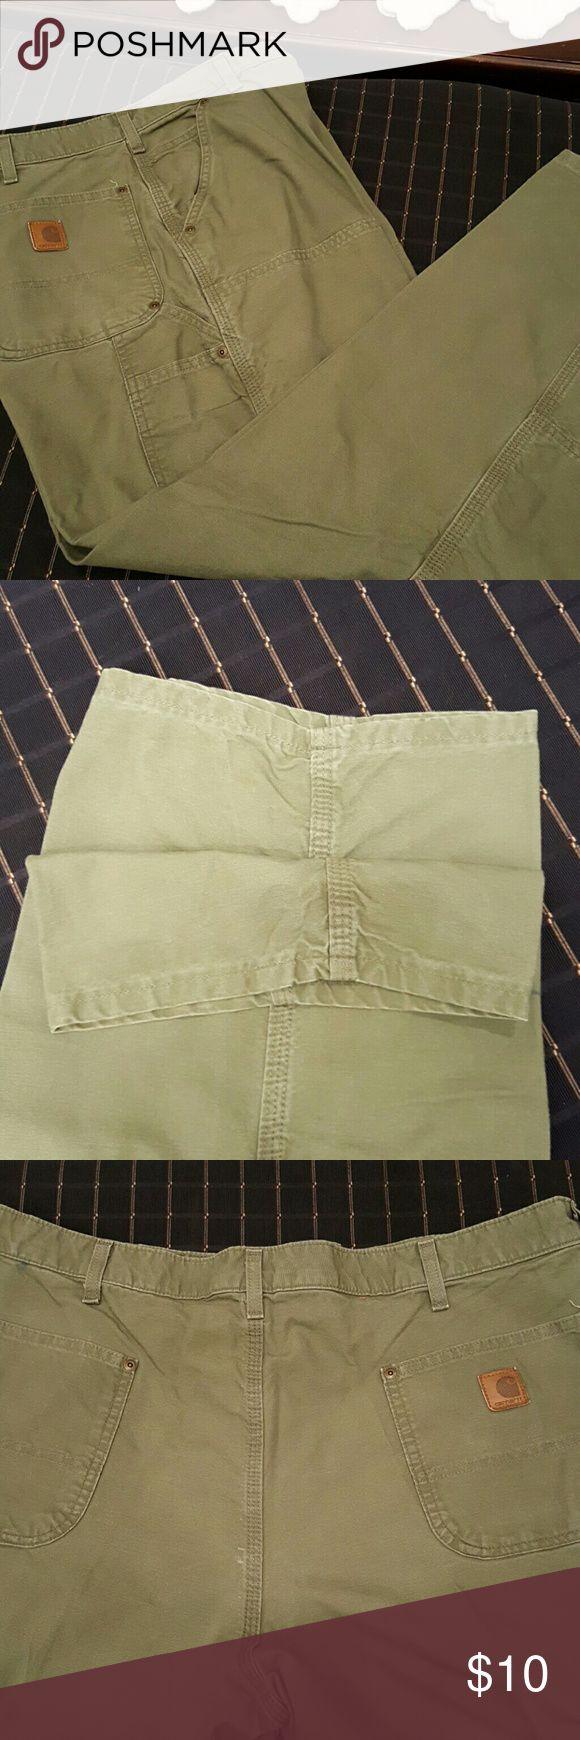 Men's Carhartt Cargo Pants Men's Carhartt Cargo Pants Size 42/30 Carhartt Pants Cargo